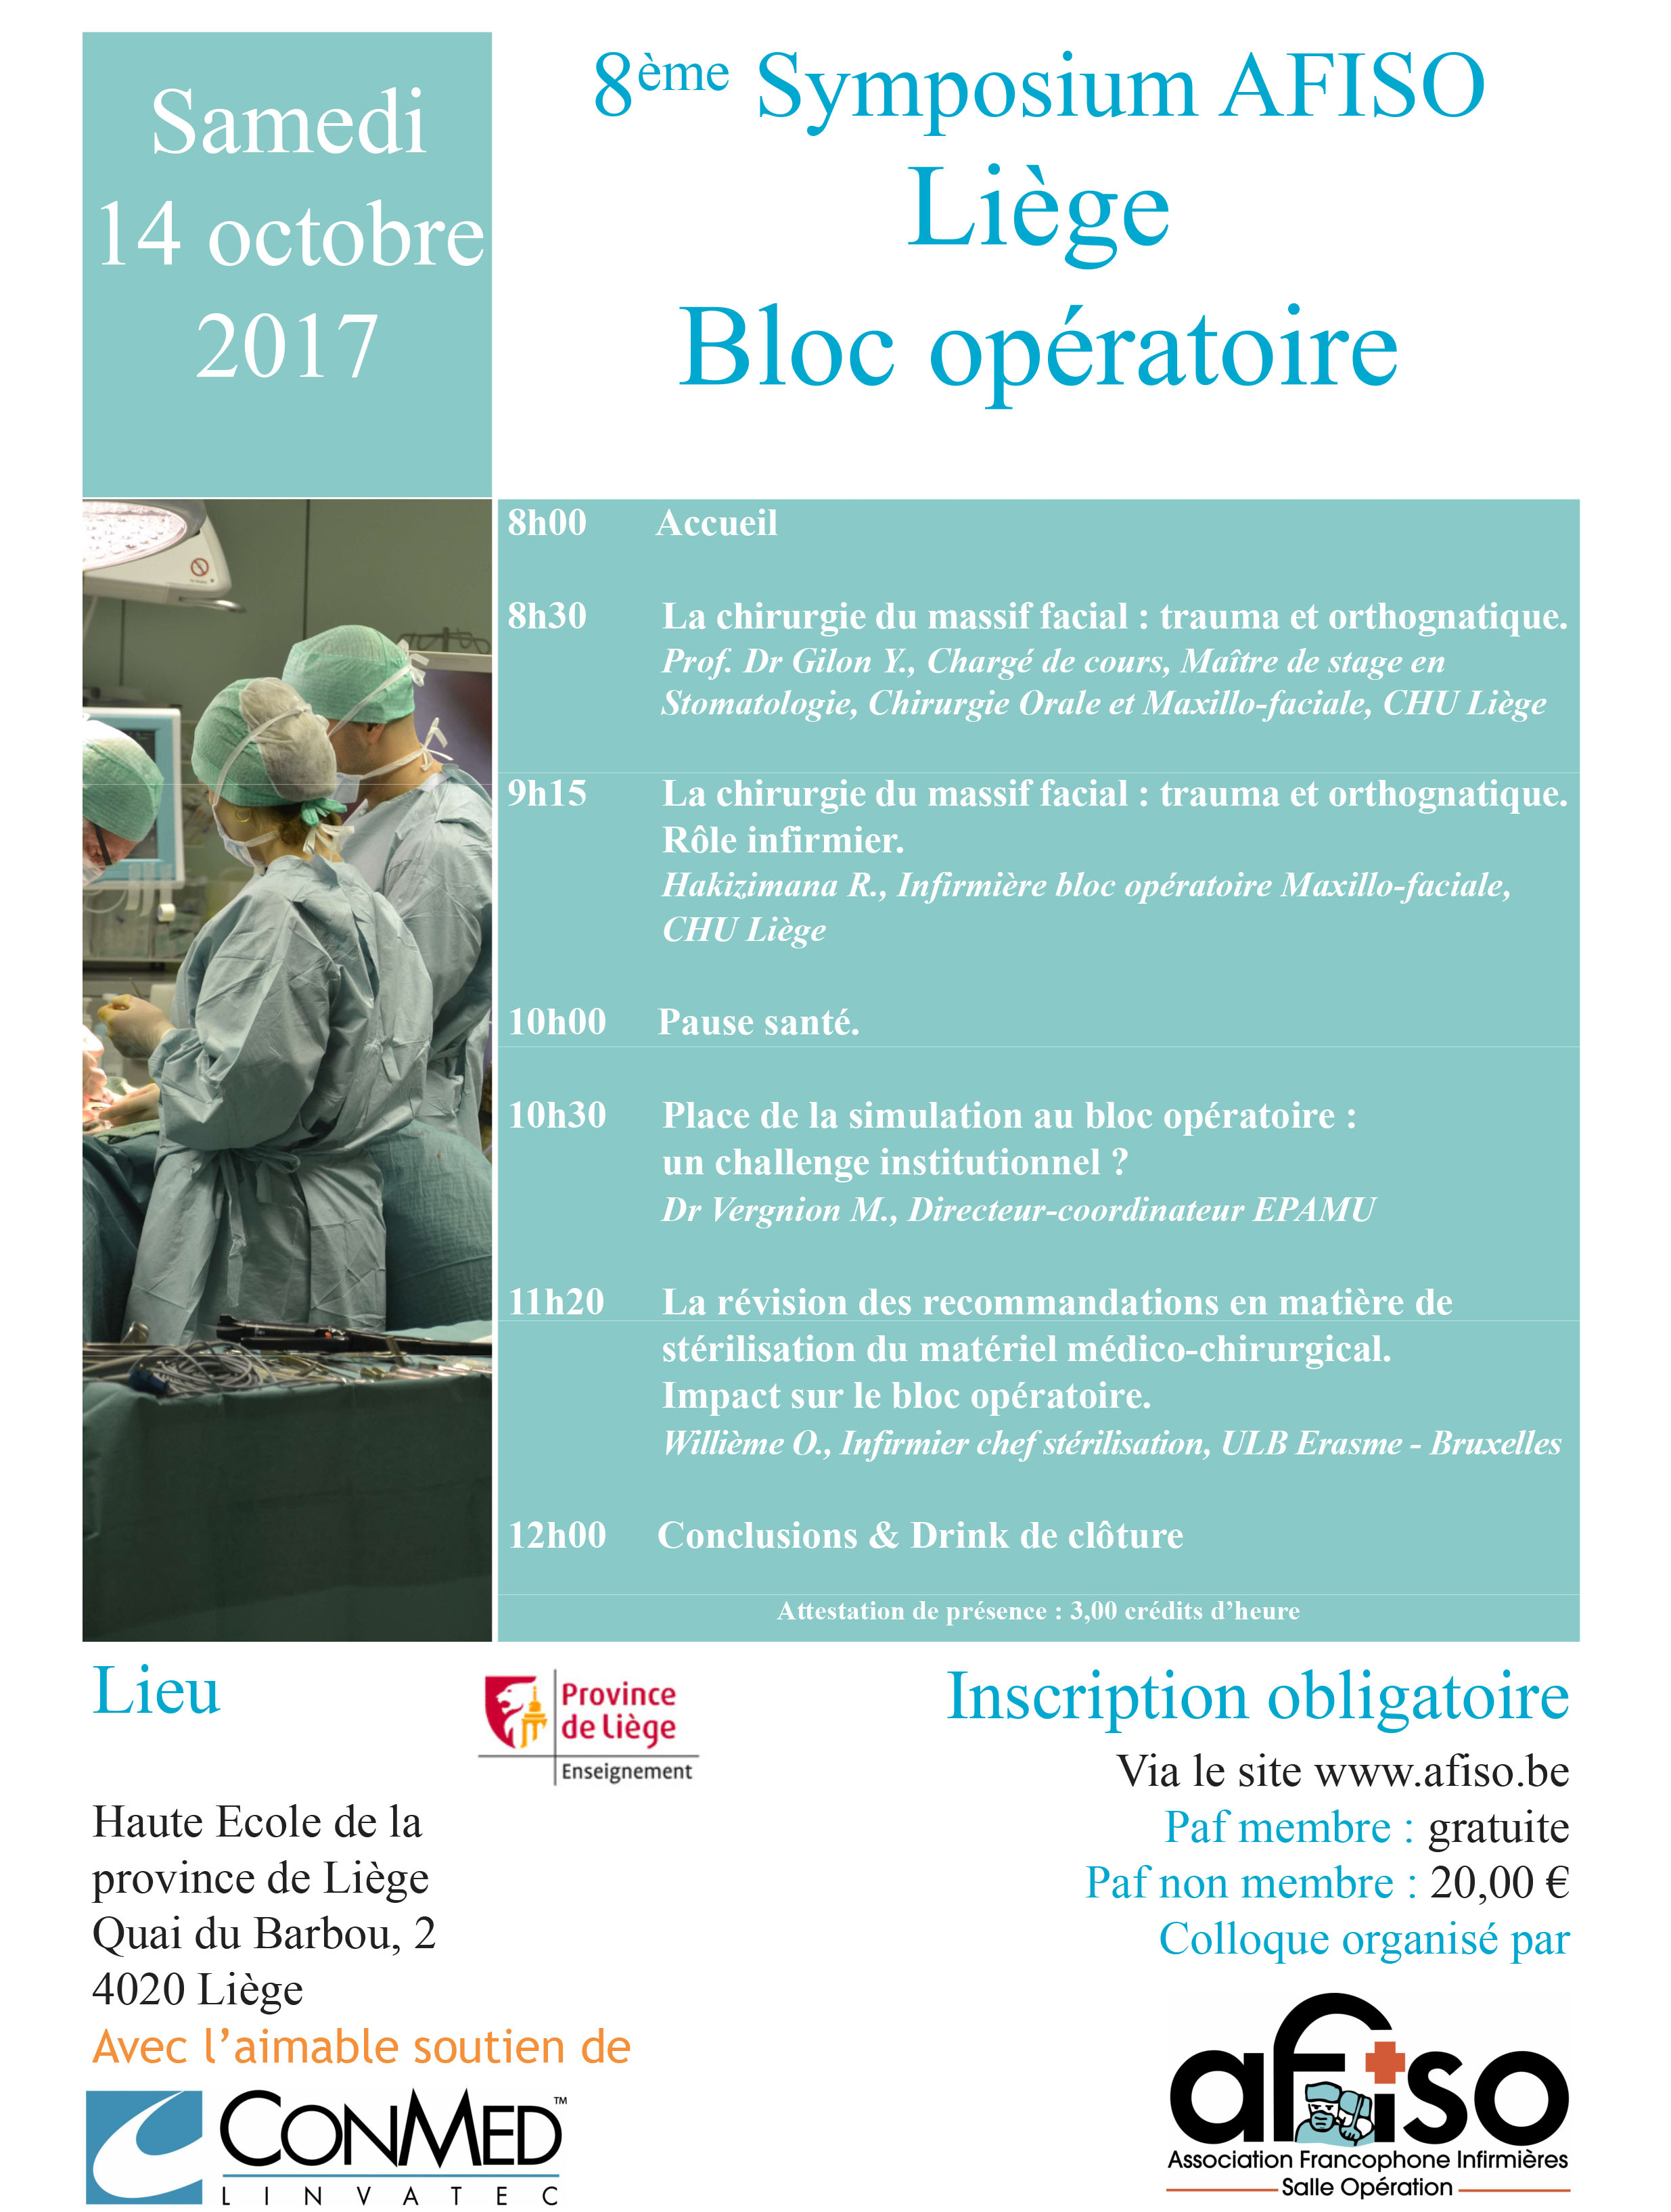 Samedi 14 octobre 2017 : 8ème Symposium de la Régionale AFISO Liège